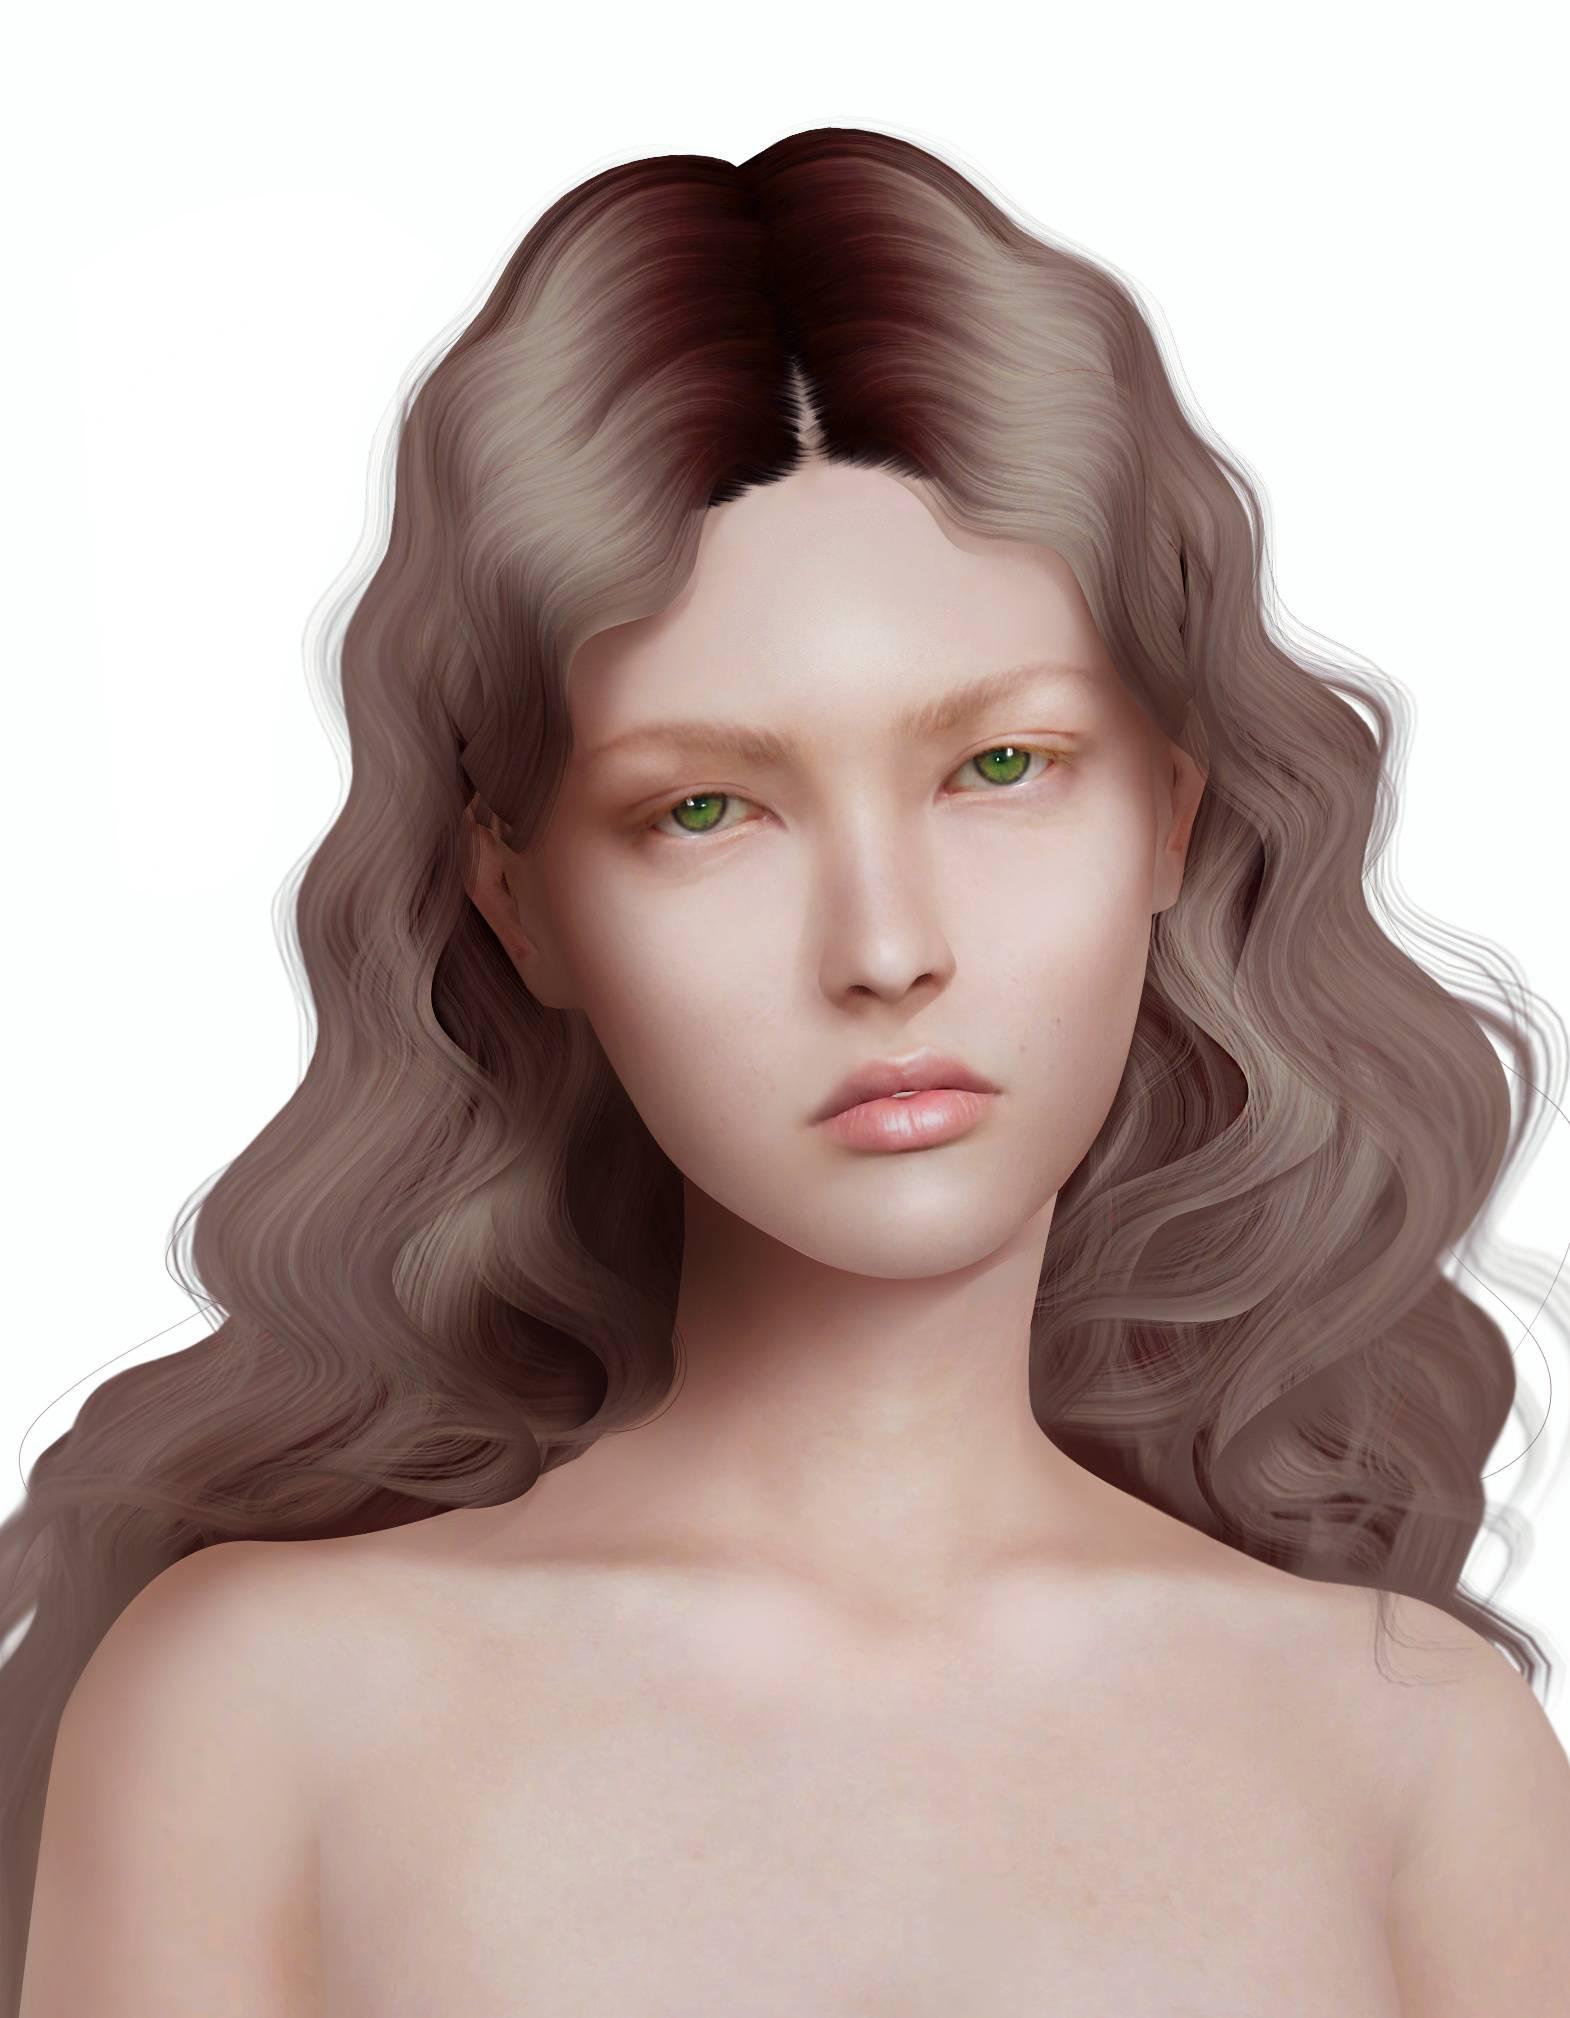 Женский скинтон - UNFOLD Female Skin